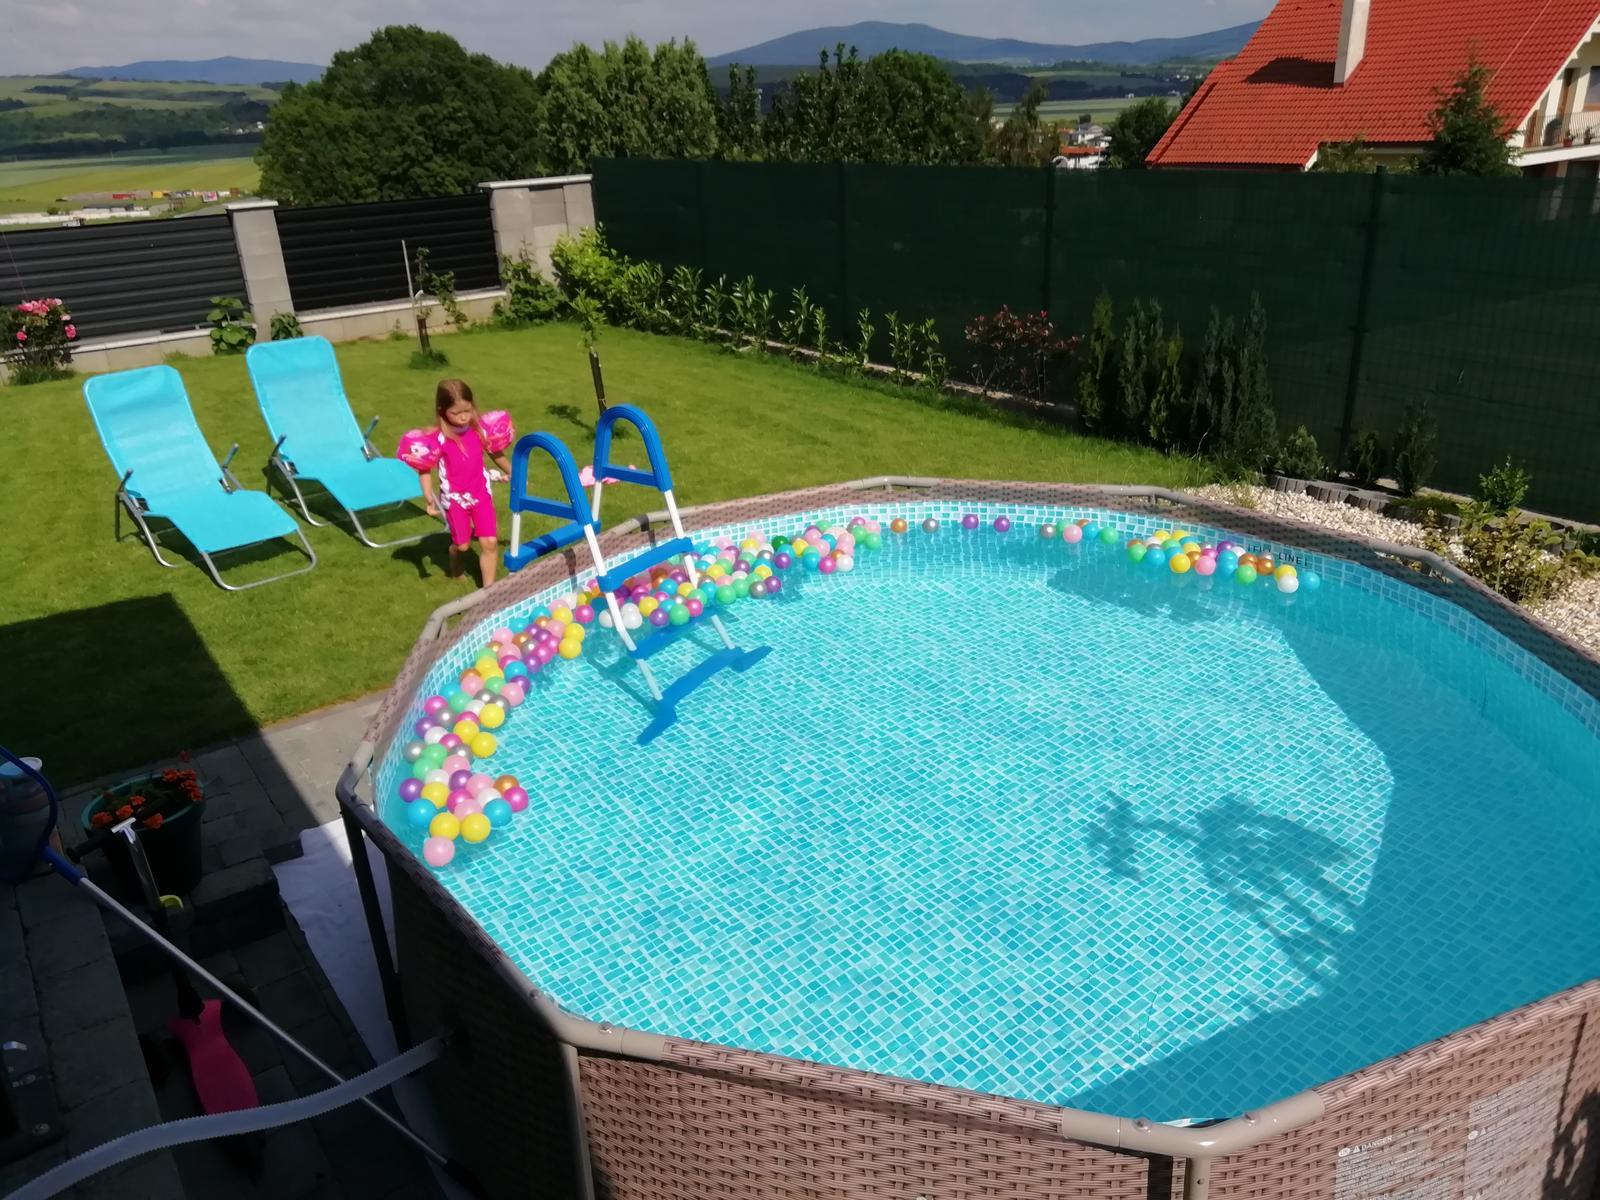 Záhradka 2019/20 bývame 4 a 5 rok :-) - Super relax s rodinkou 🏖️👙🏜️🏘️👨👩👧